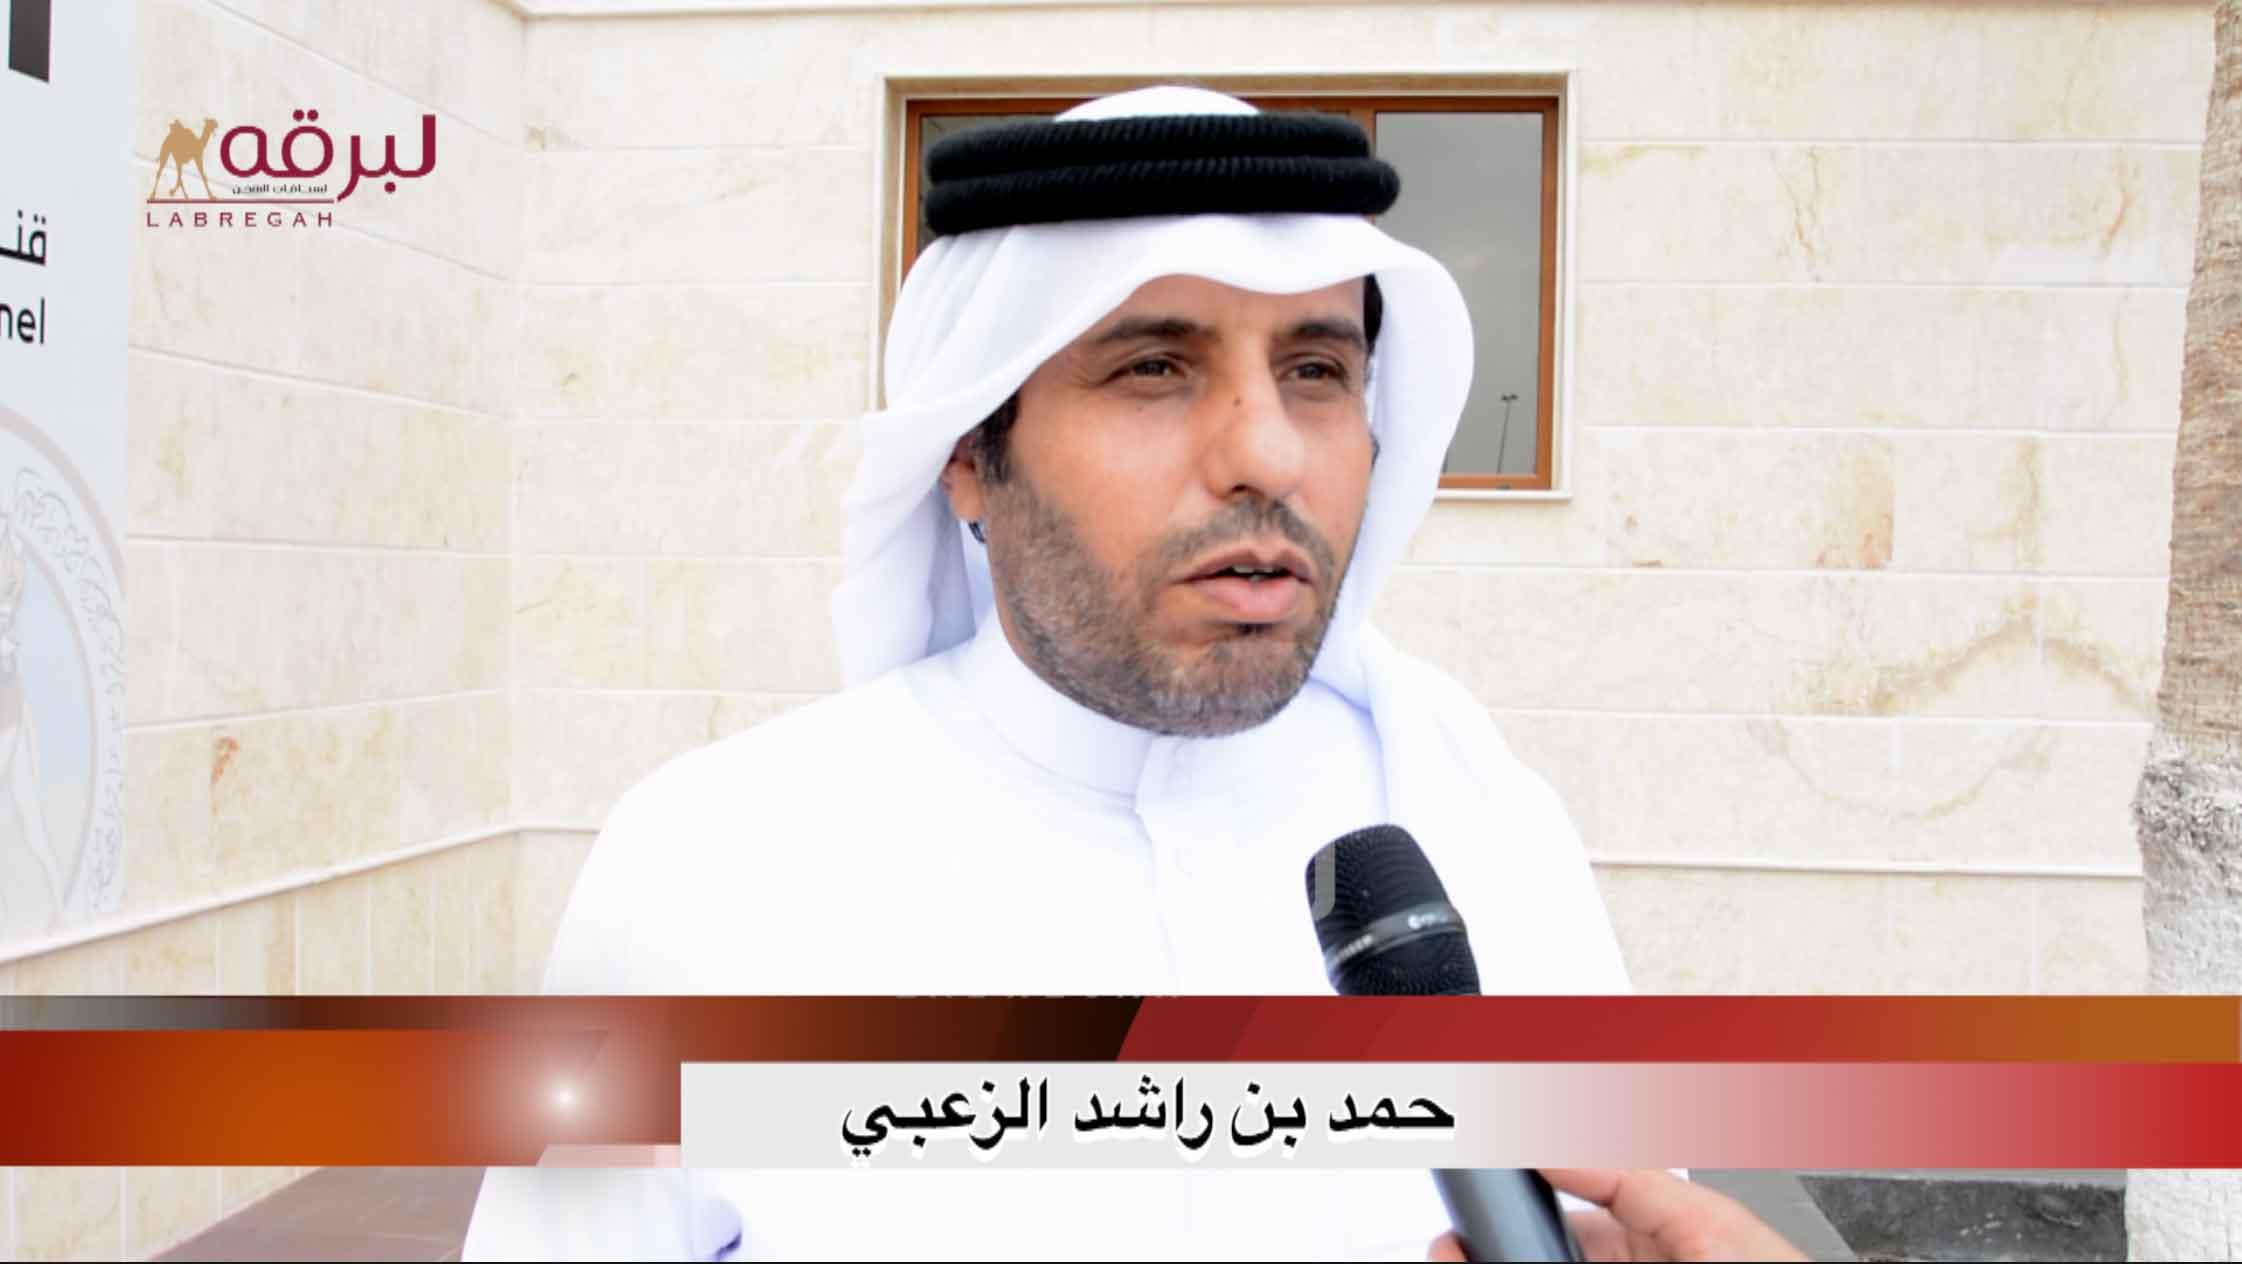 لقاء مع حمد بن راشد الزعبي.. الشلفة الفضية للحقايق بكار « مفتوح » الأشواط العامة  ٢٩-١١-٢٠٢٠